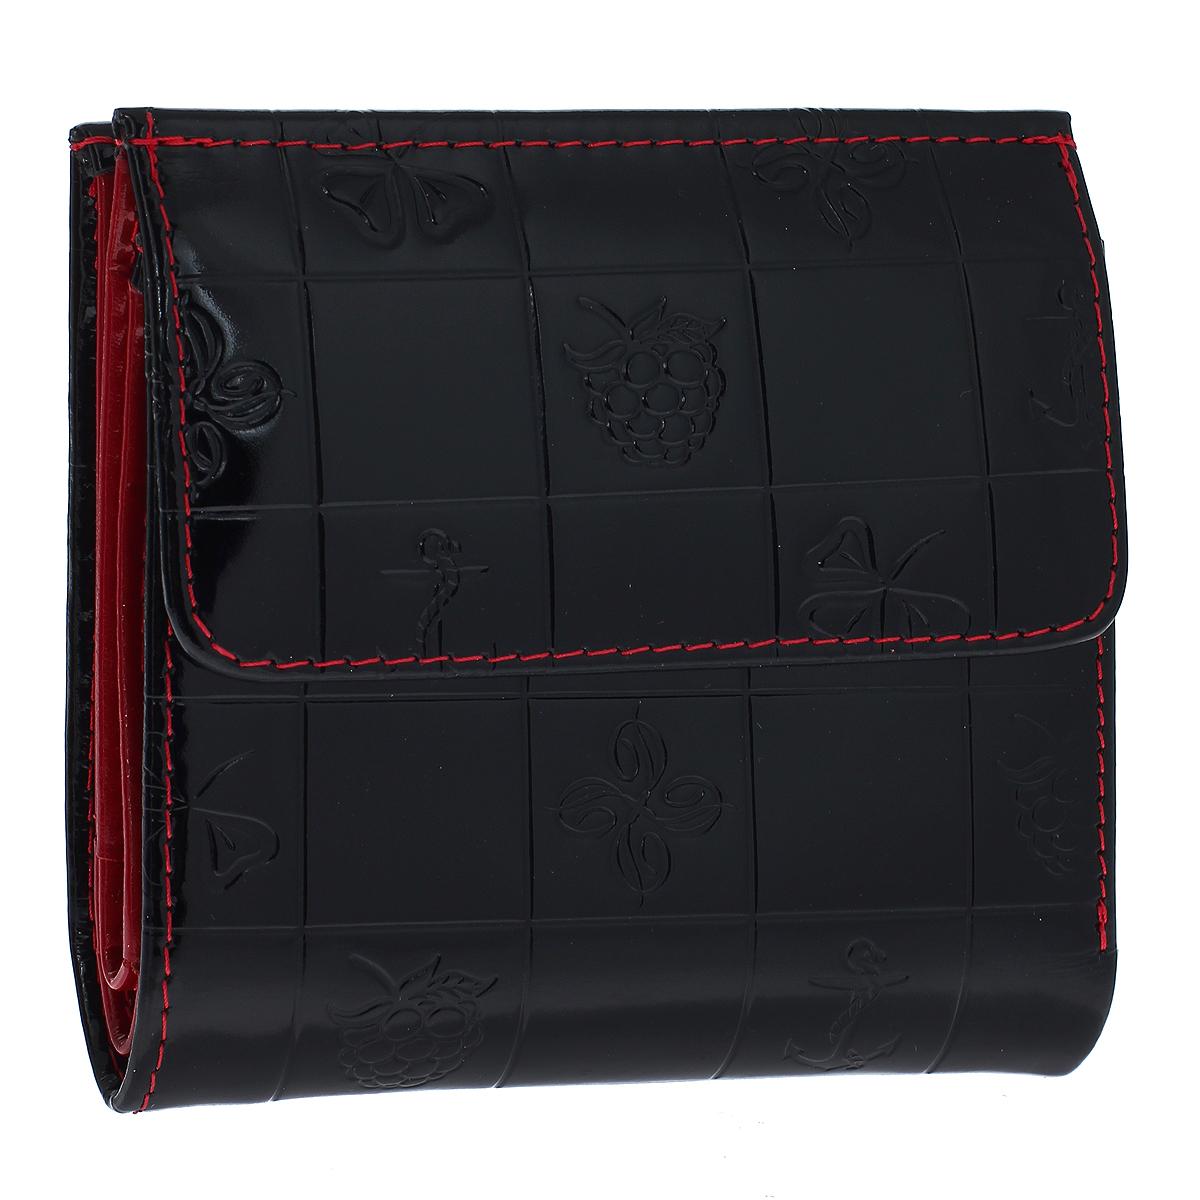 Кошелек женский Dimanche Bonbon, цвет: черный. 520520Кошелек Dimanche Bonbon изготовлен из натуральной лакированной кожи черного цвета с декоративным тиснением. Закрывается на магнитную кнопку. На передней стенке расположен объемный карман для мелочи, закрывающийся клапаном на кнопку. Внутри кошелька содержится 2 отделения для купюр, дополнительный карман на молнии, 2 прорезных кармана для пластиковых карт, кармашек для сим-карты, 2 потайных вертикальных кармашка для мелких бумаг и окошко для фотографии. Внутри кошелек отделан атласным полиэстером красного цвета с рисунком. Фурнитура - золотистого цвета. Стильный кошелек отлично дополнит ваш образ и станет незаменимым аксессуаром на каждый день. Упакован в фирменную картонную коробку коричневого цвета.